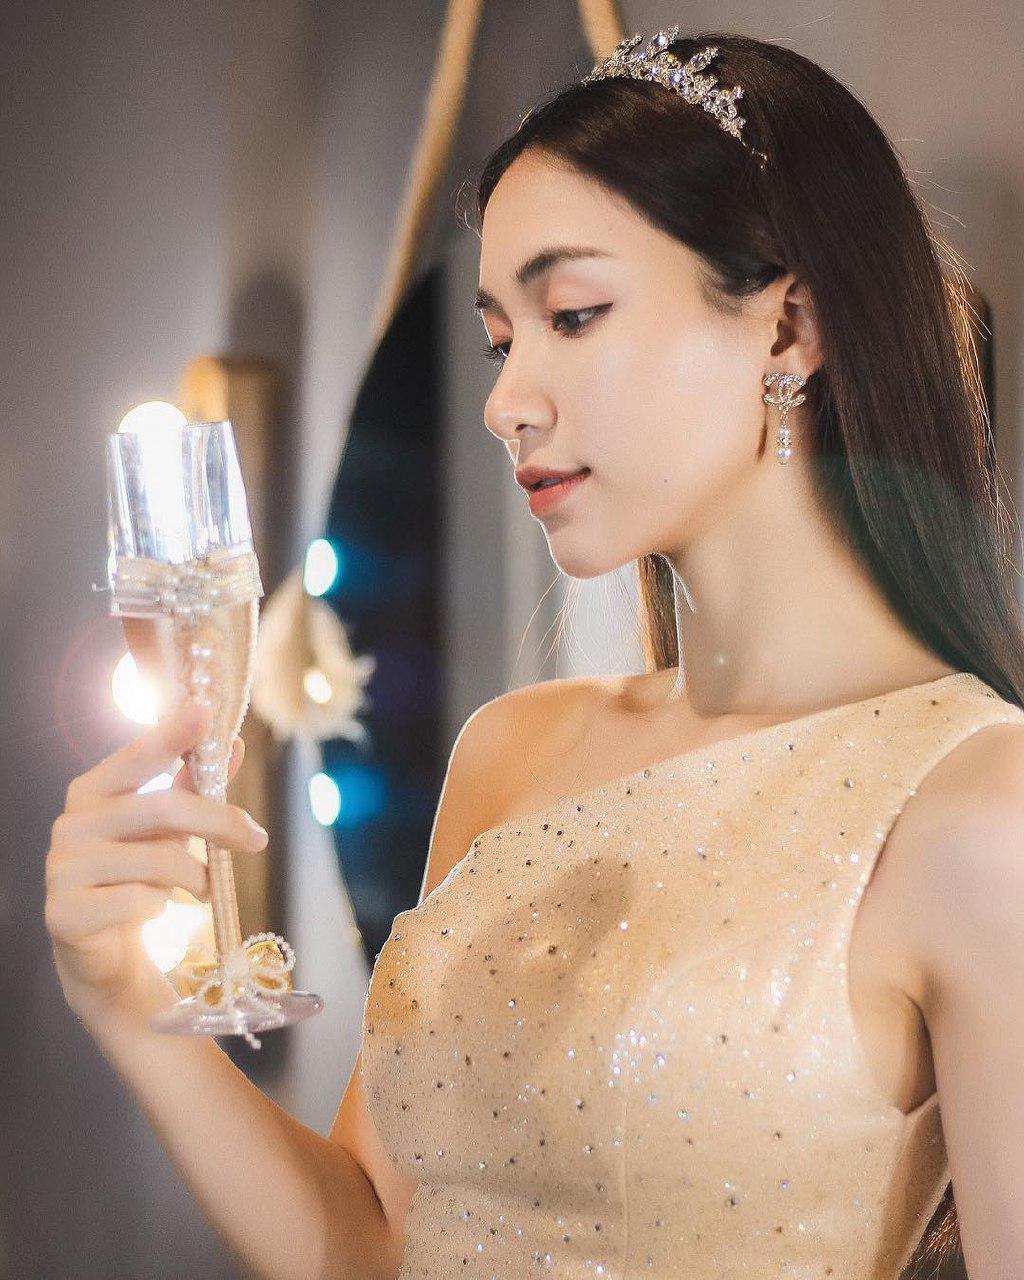 Hòa Minzy gây tranh cãi vì quá gay gắt trước lời khuyên chân thành của fan - Ảnh 3